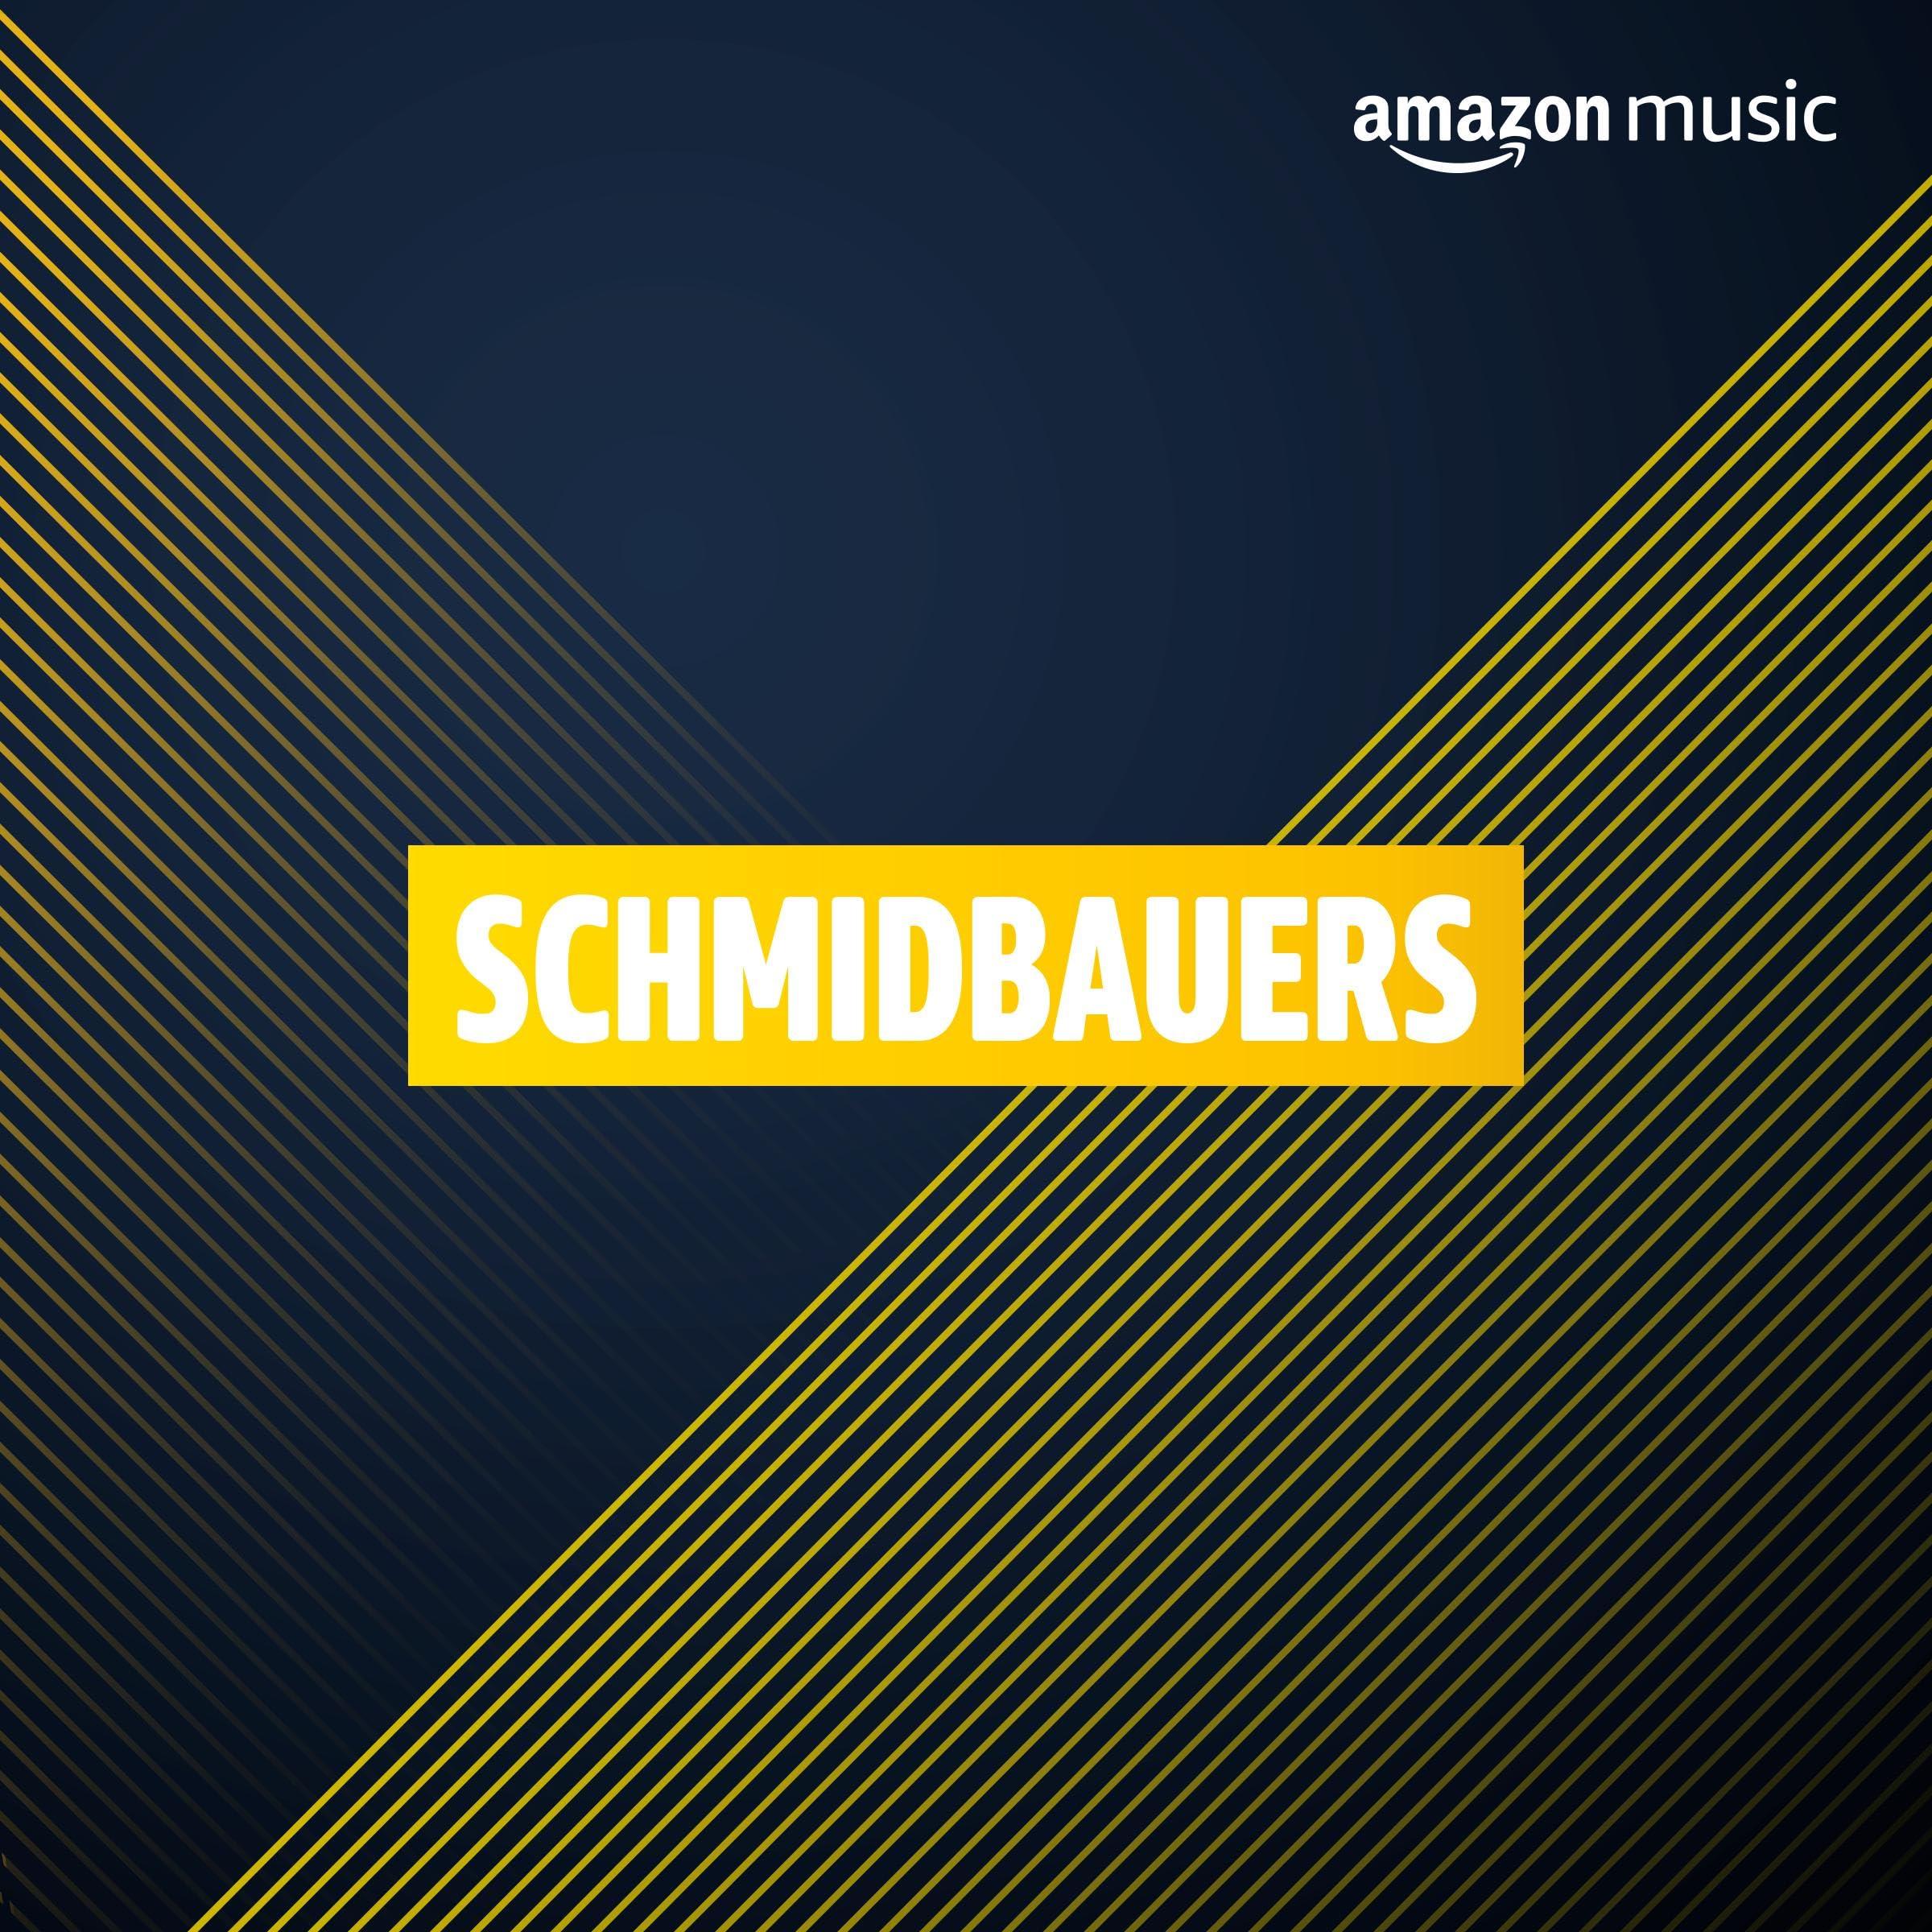 Schmidbauers